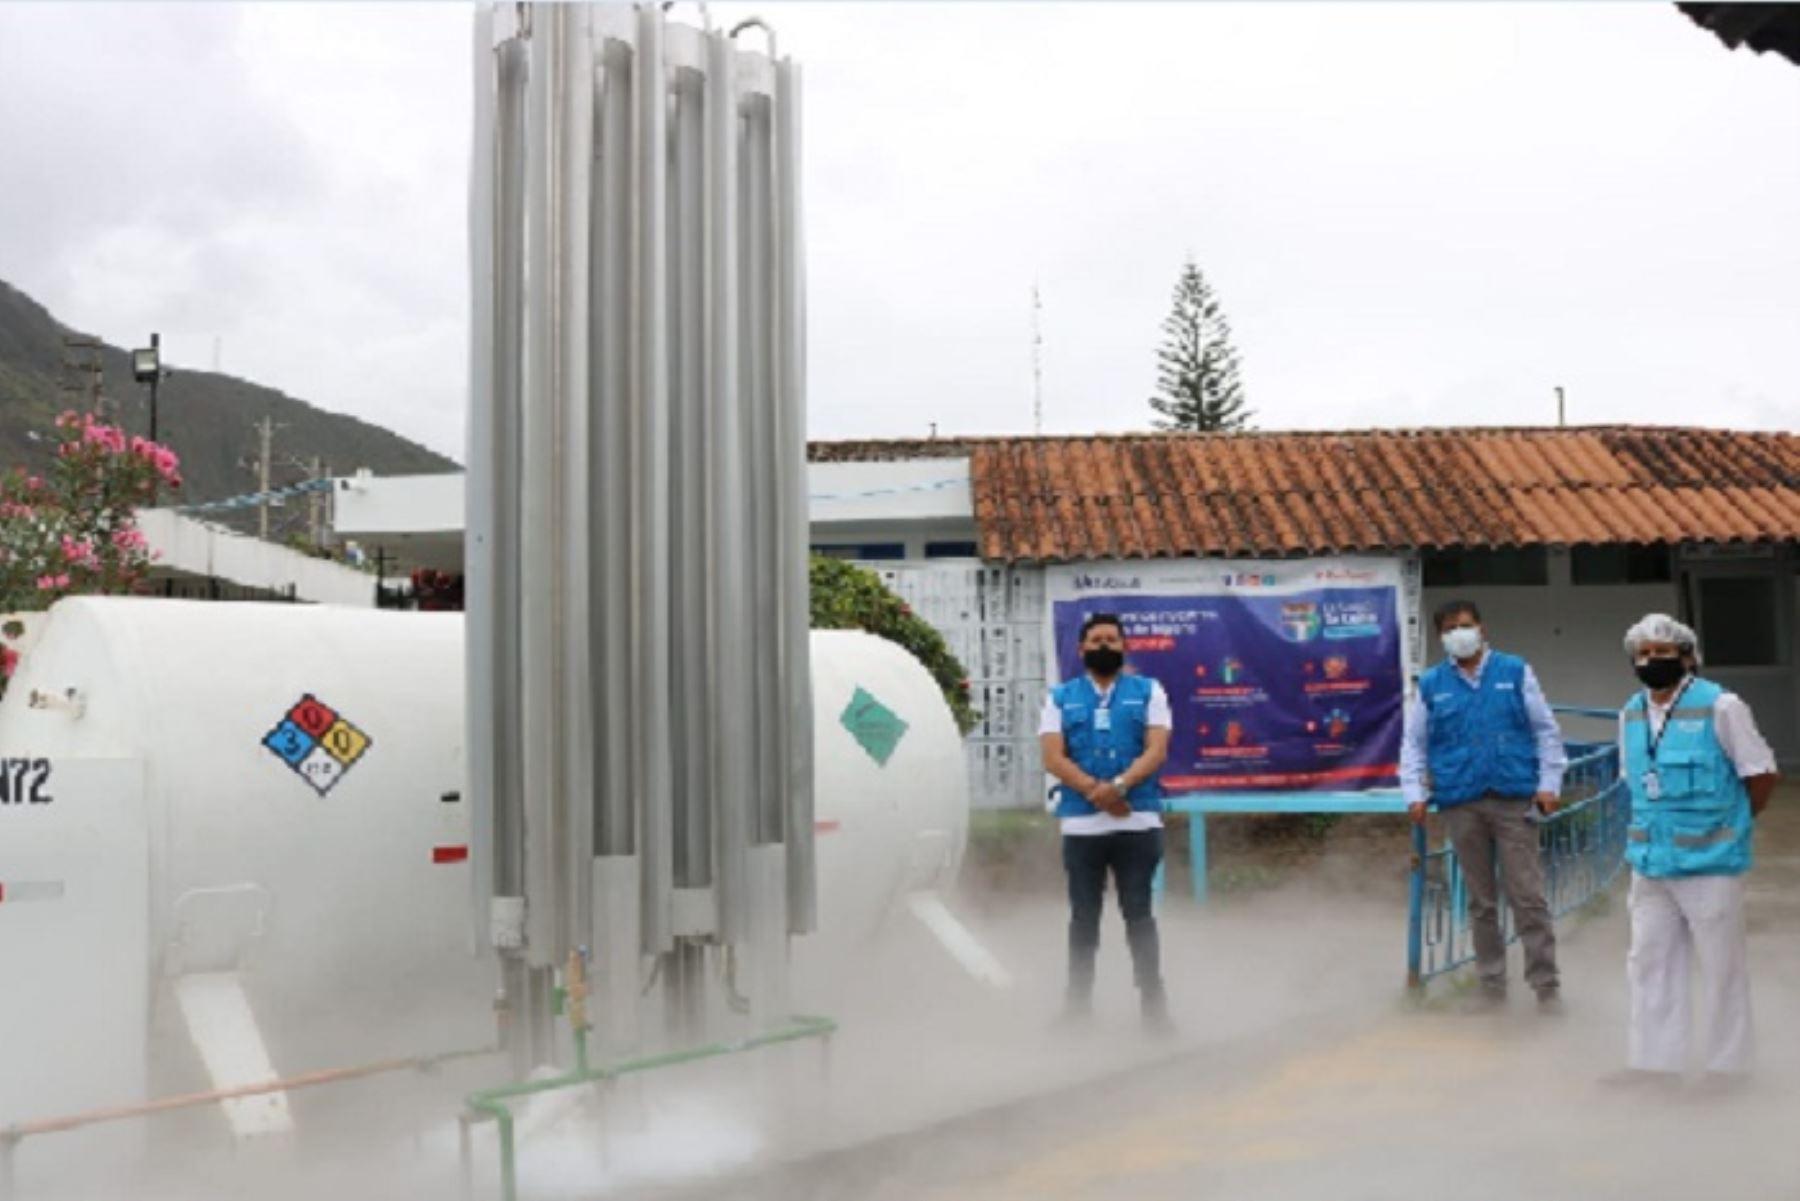 El isotanque de oxígeno fue entregado por la empresa Praxair, bajo la modalidad de comodato (cesión en uso), y en contraparte la Red Asistencial de EsSalud se encargó de financiar el transporte y la instalación del mismo.